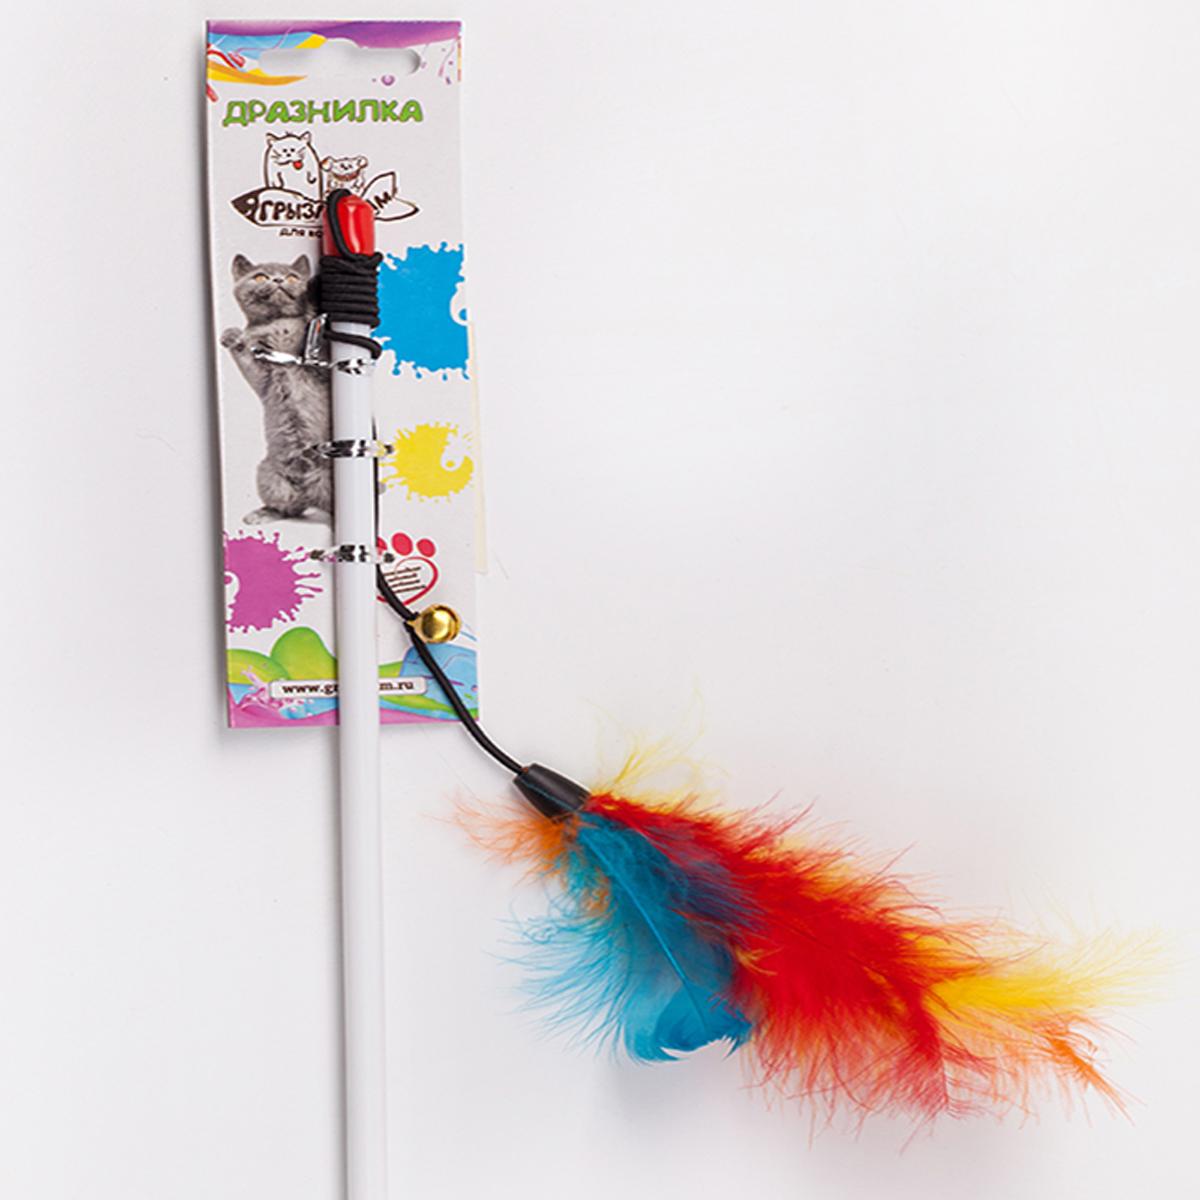 Дразнилка-удочка для кошки Грызлик Ам Марабу с перьями, длина палочки 55 см дразнилка удочка для кошки грызлик ам шарик eco с перьями длина палочки 40 см